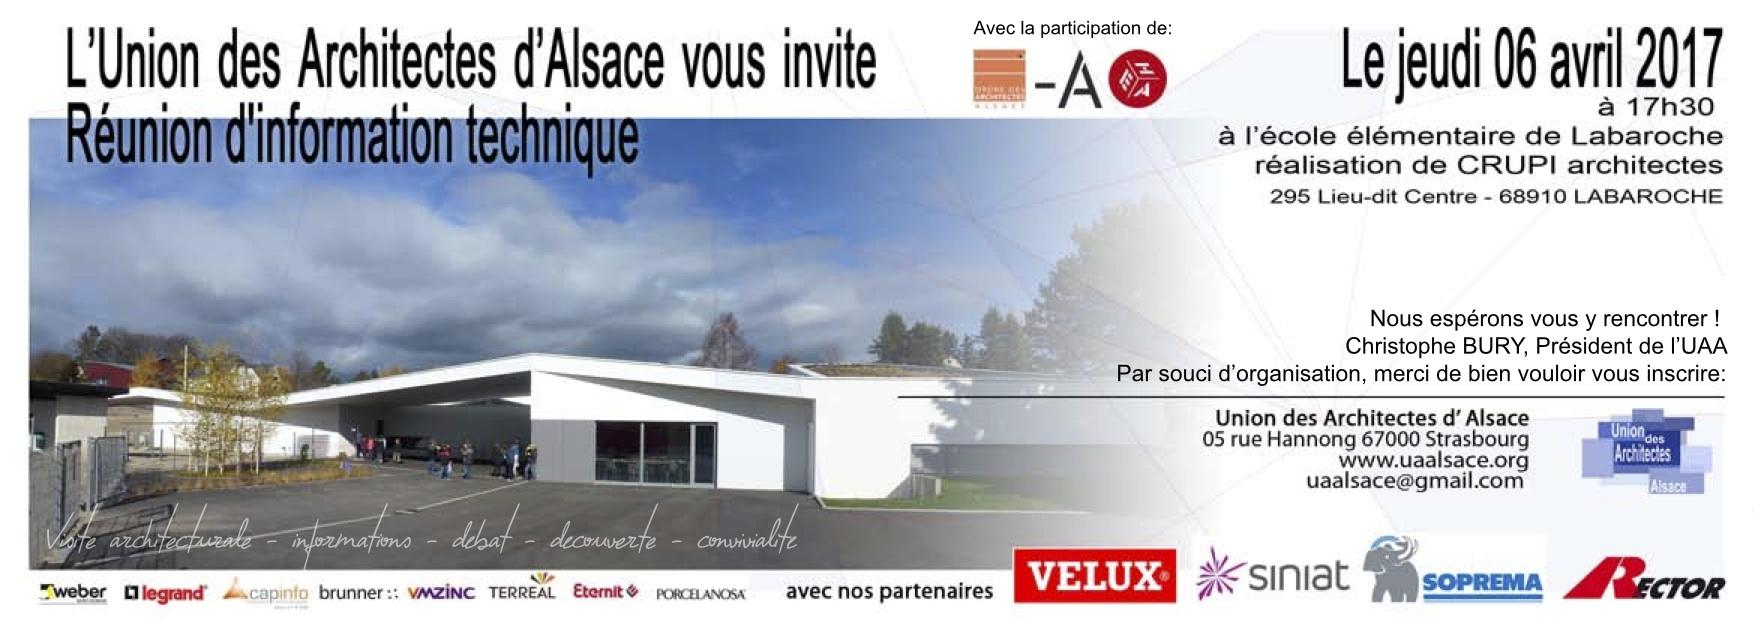 Invitation RIT UAA Tour à Labaroche